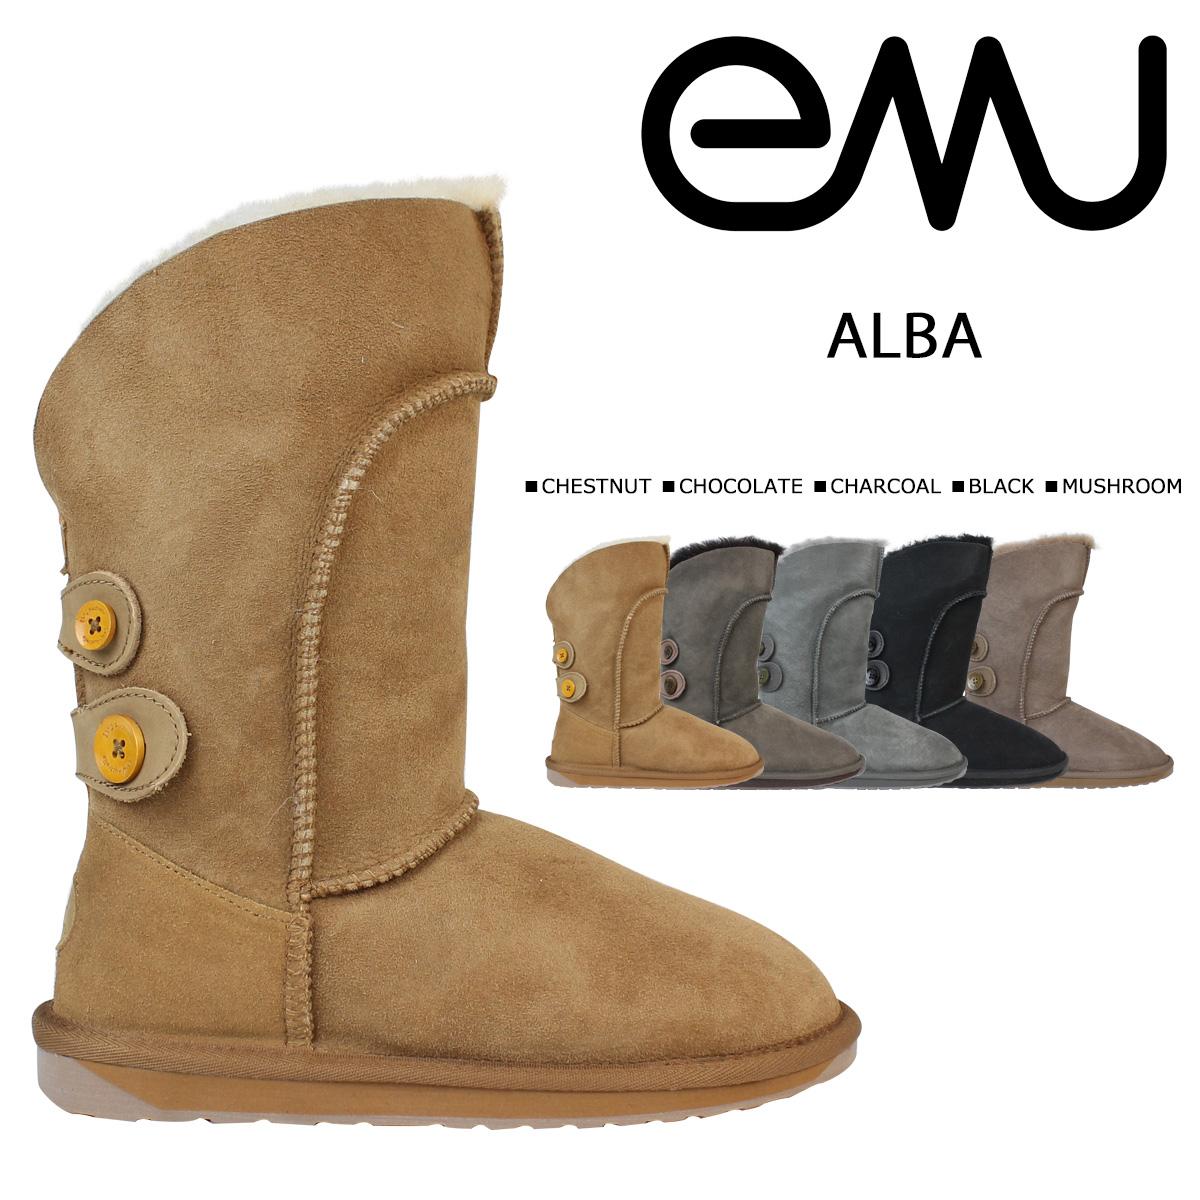 7dc84f76a9b SneaK Online Shop: emu emu mouton boots Aruba ALBA W10088 Lady's ...